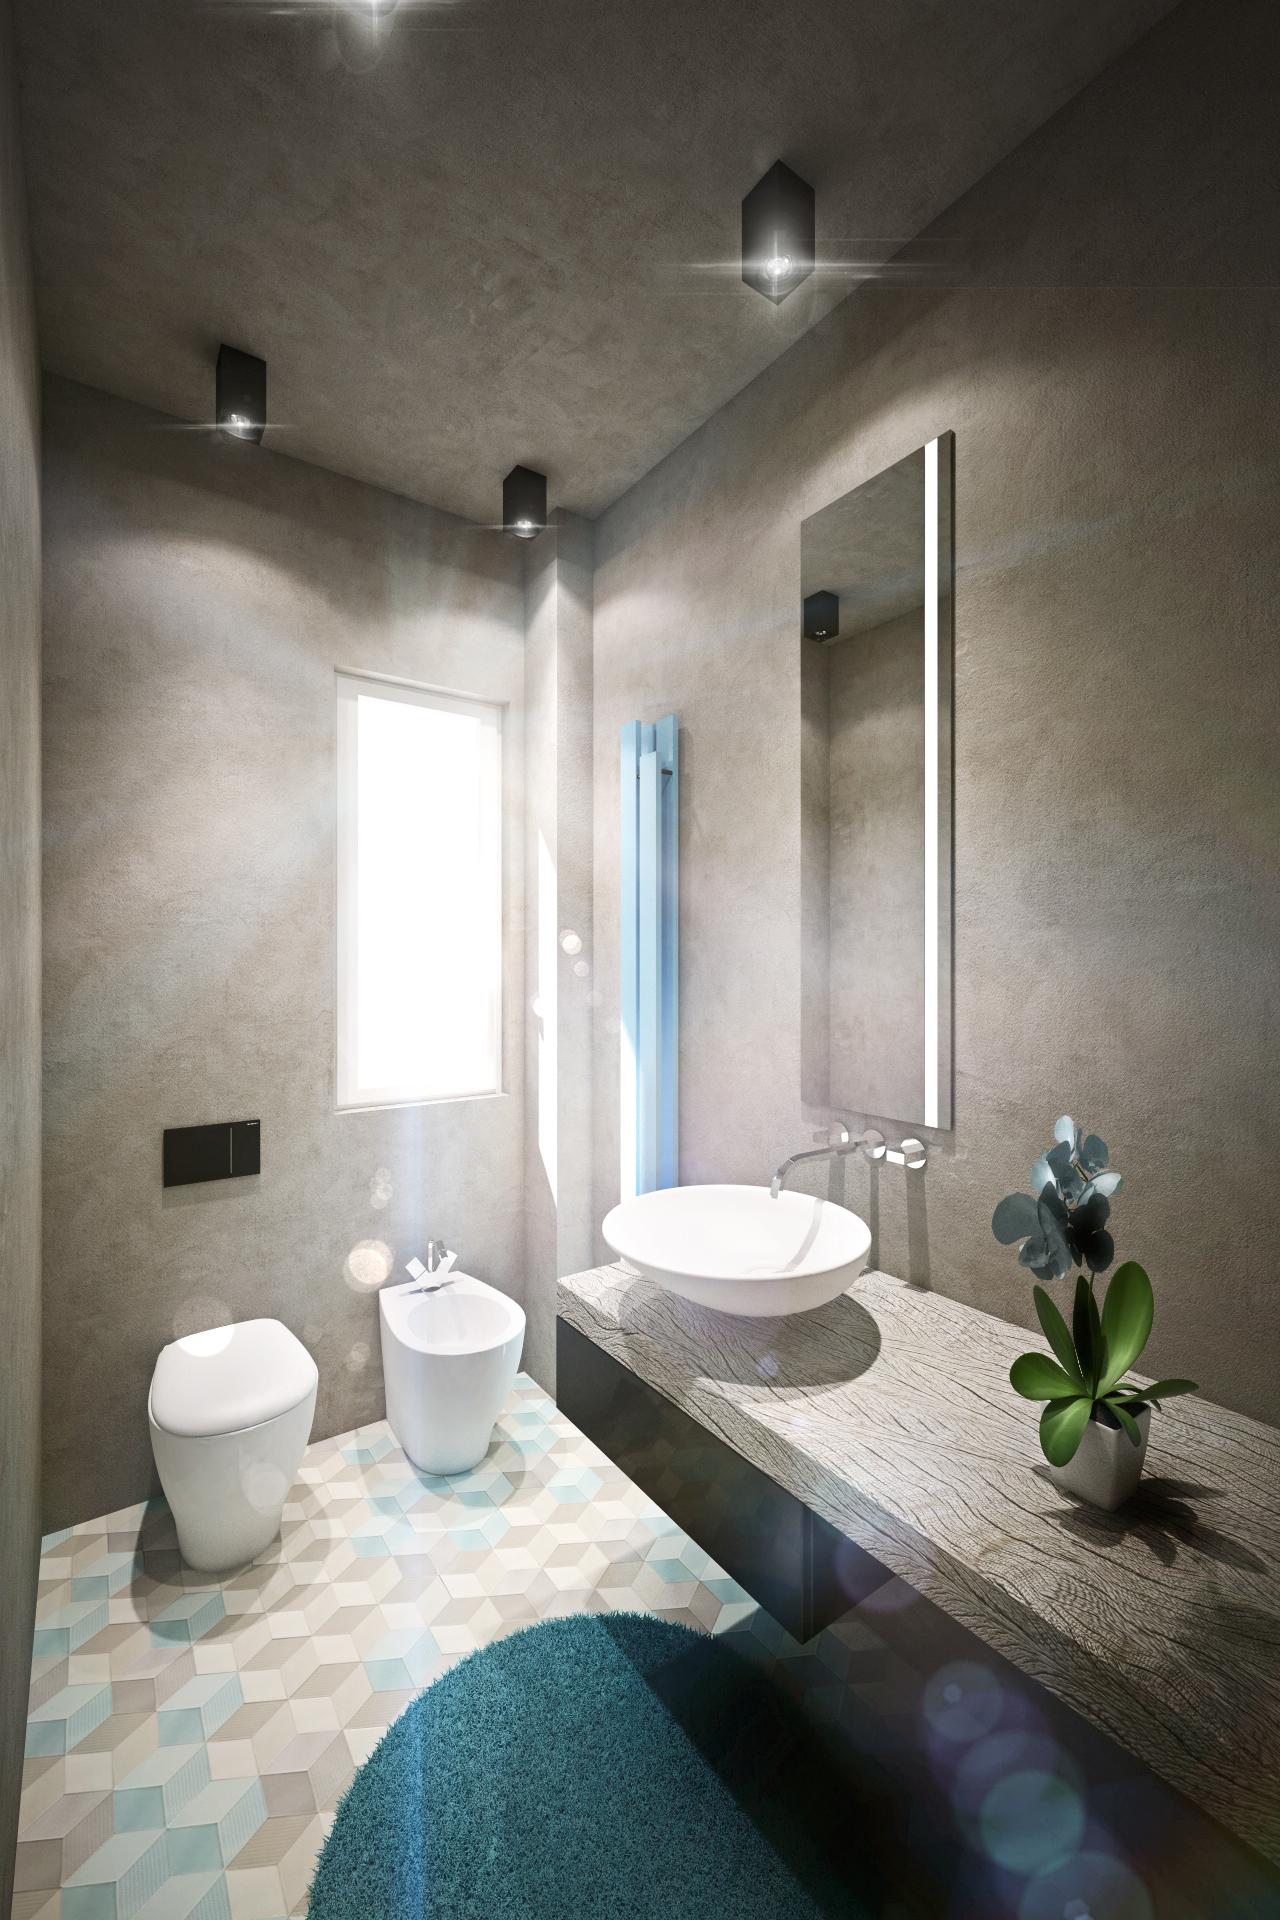 Дизайн квартиры в пастельных тонах: ванная